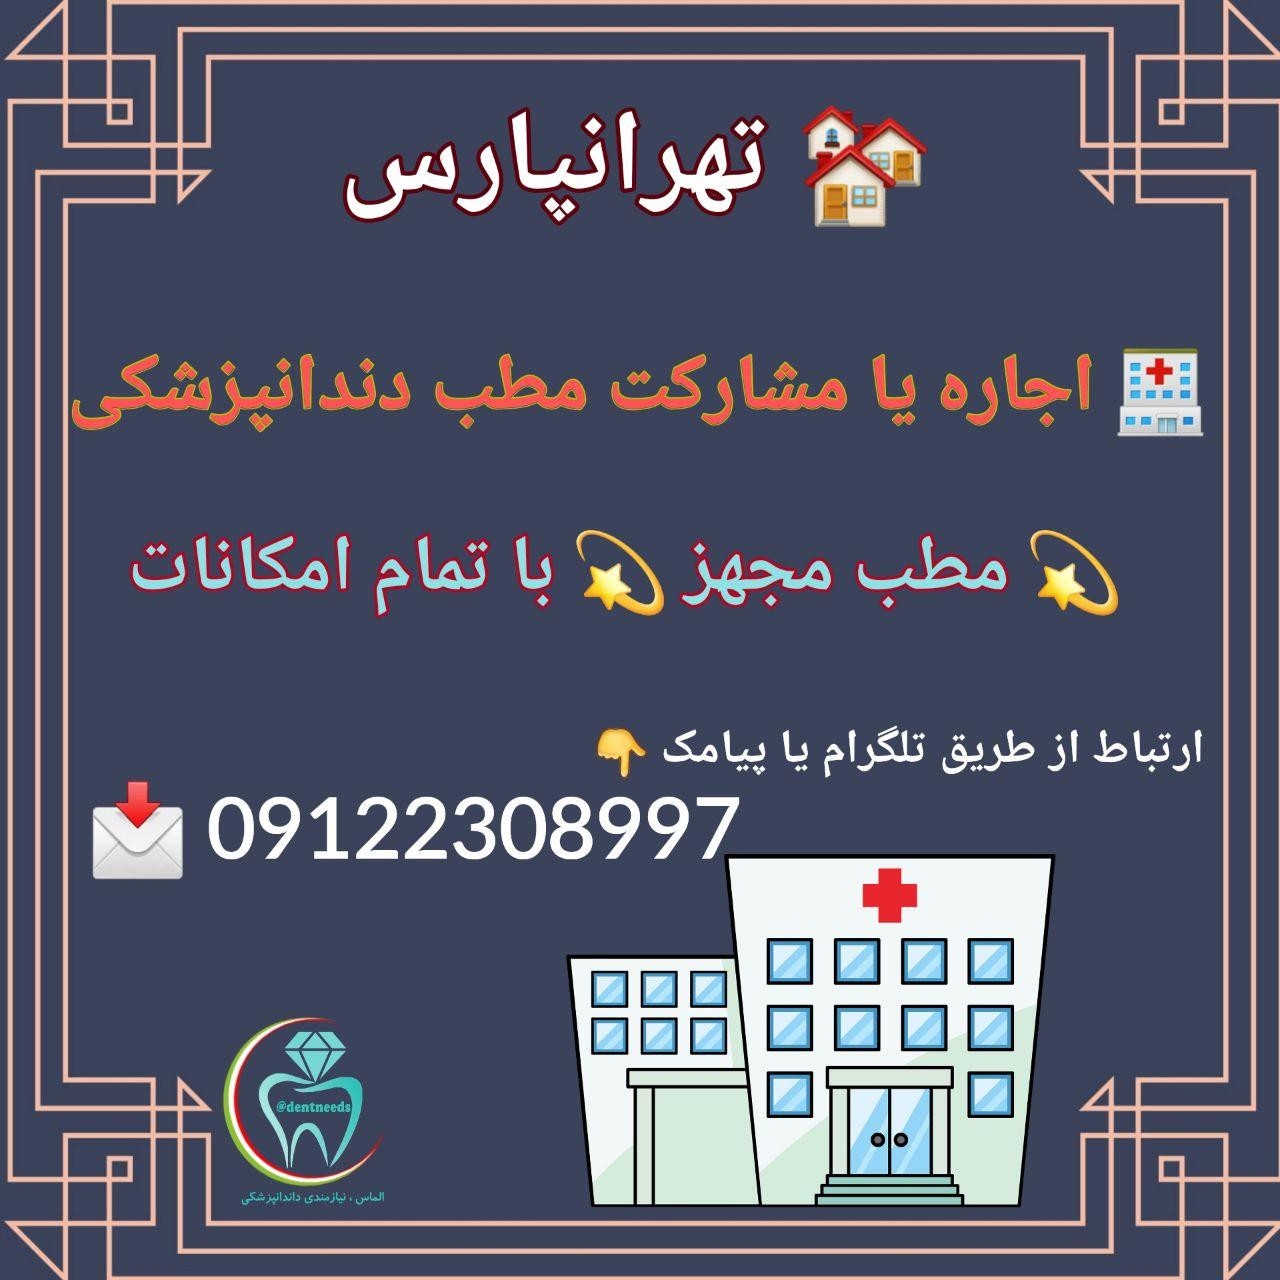 تهرانپارس، اجاره یا مشارکت مطب دندانپزشکی